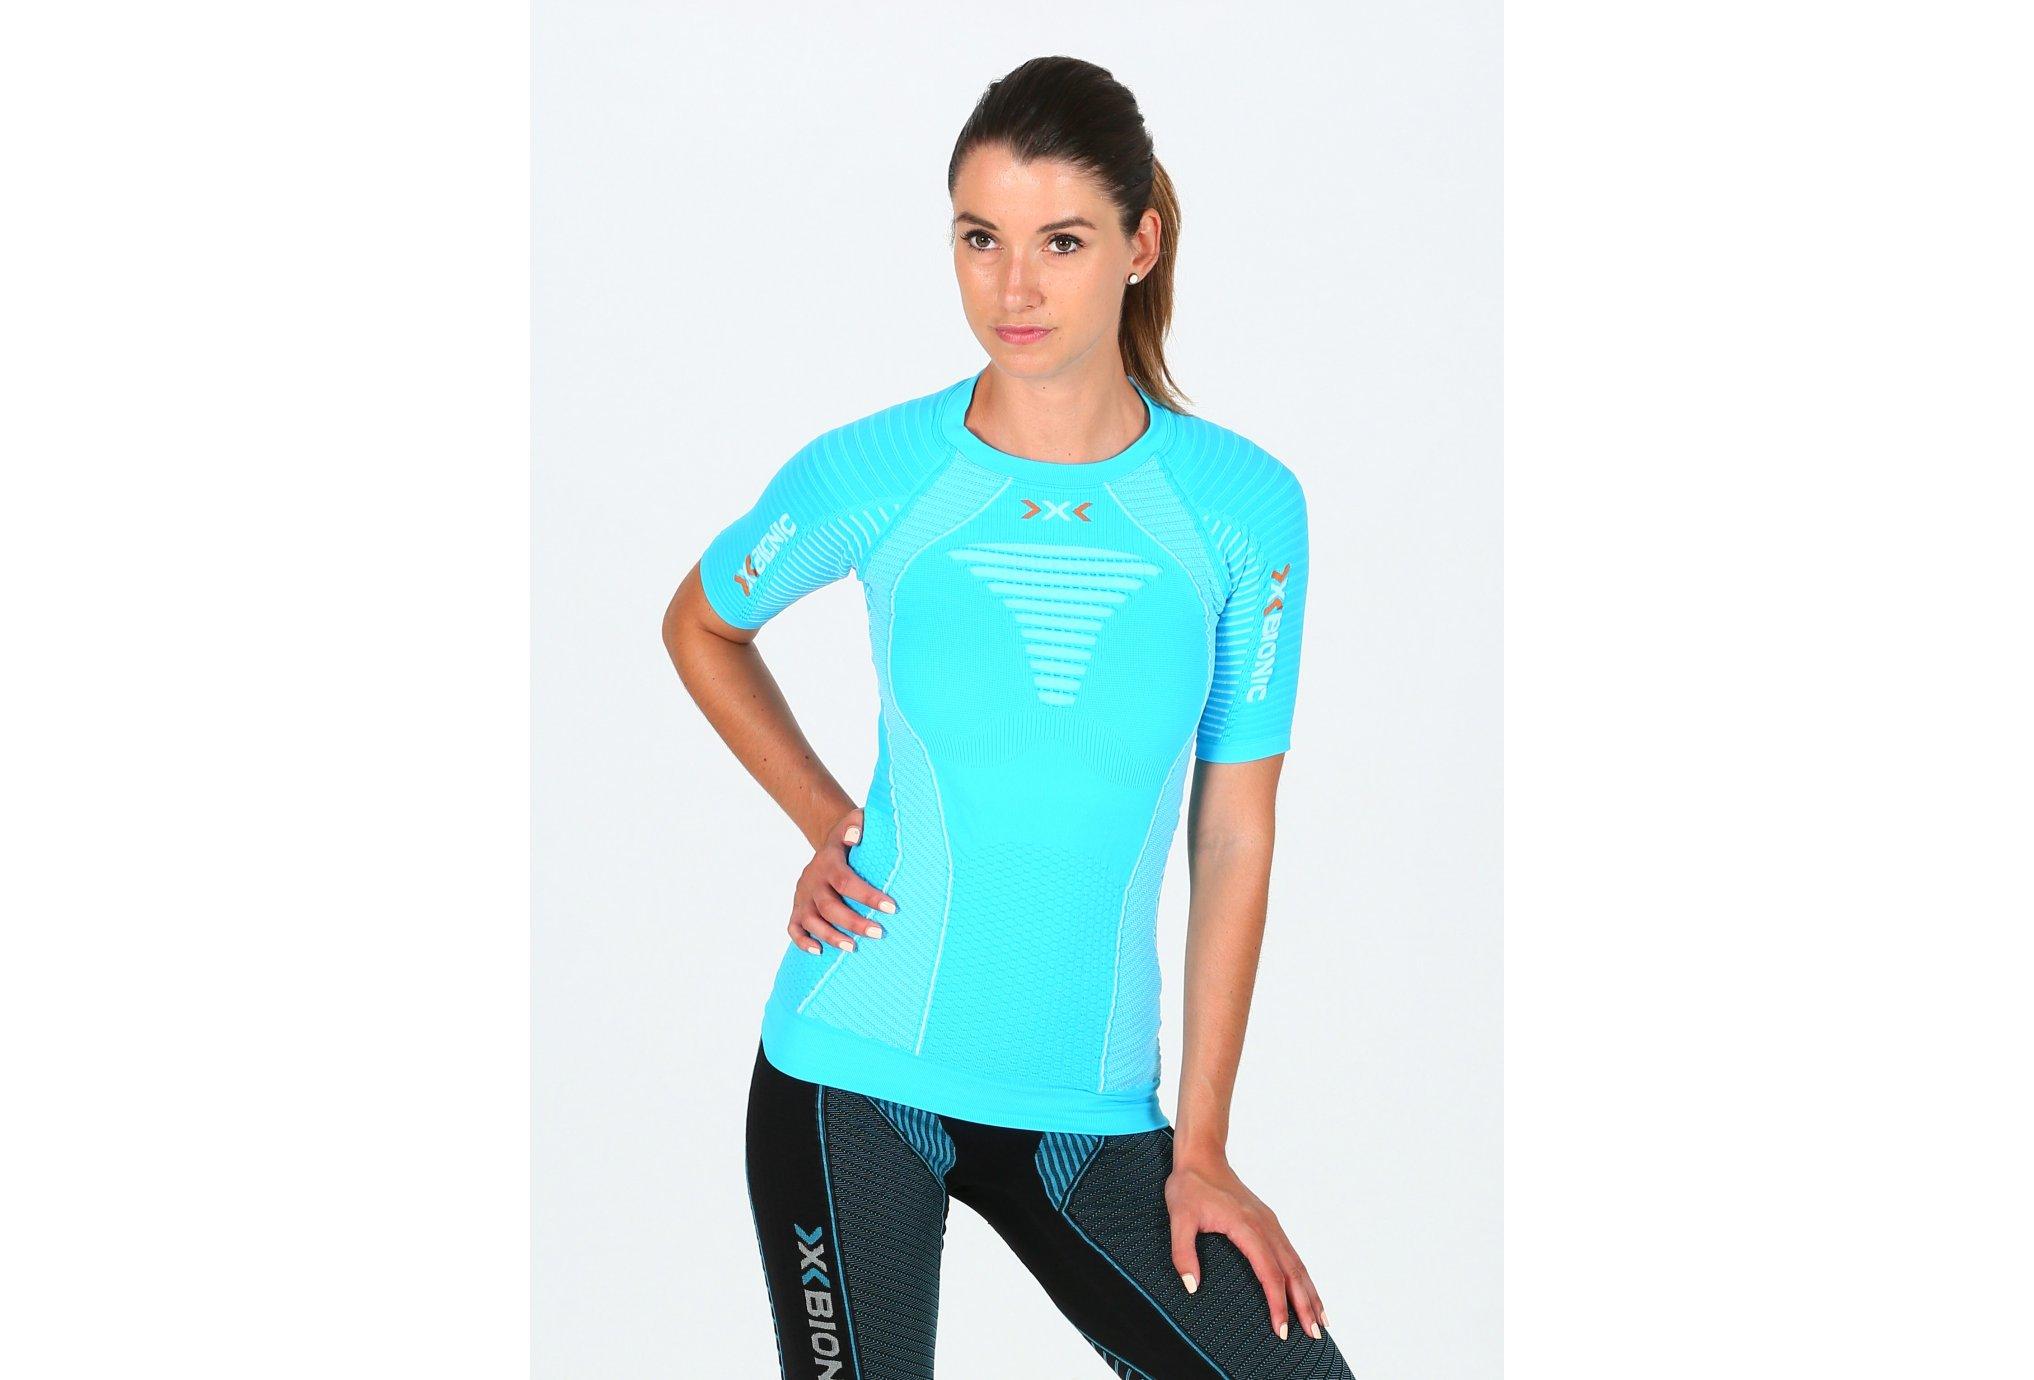 X-Bionic Effektor W Diététique Vêtements femme